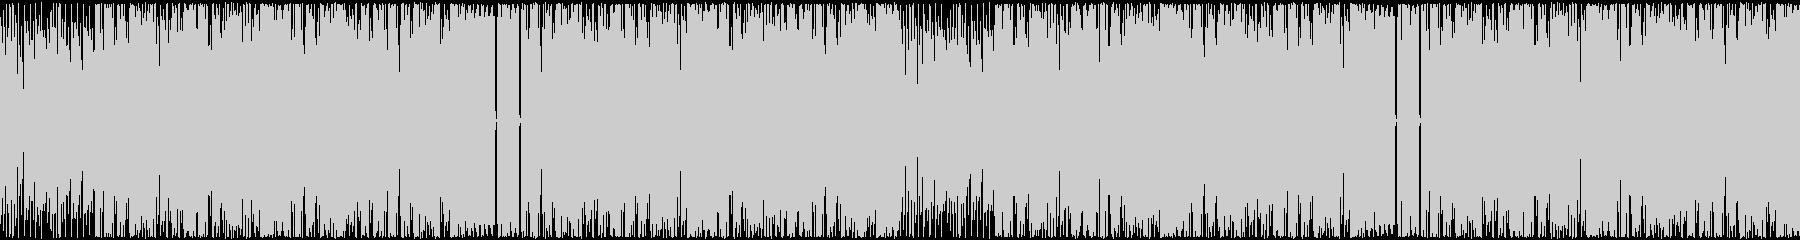 【ロック/電子/サイバー】の未再生の波形